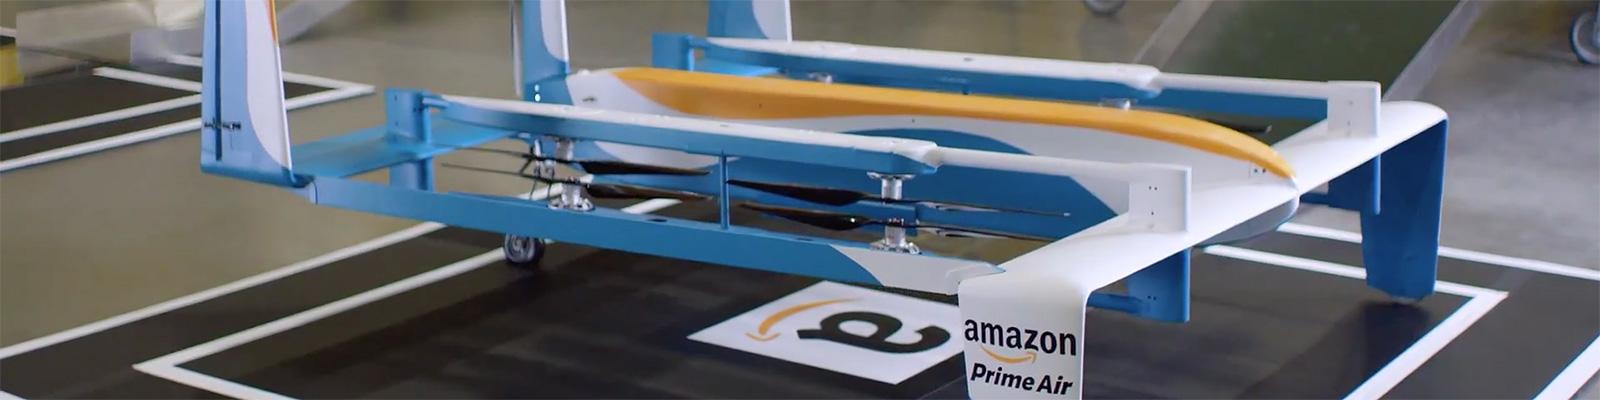 アマゾン、「Prime Air」用ドローンの新型プロトタイプを披露